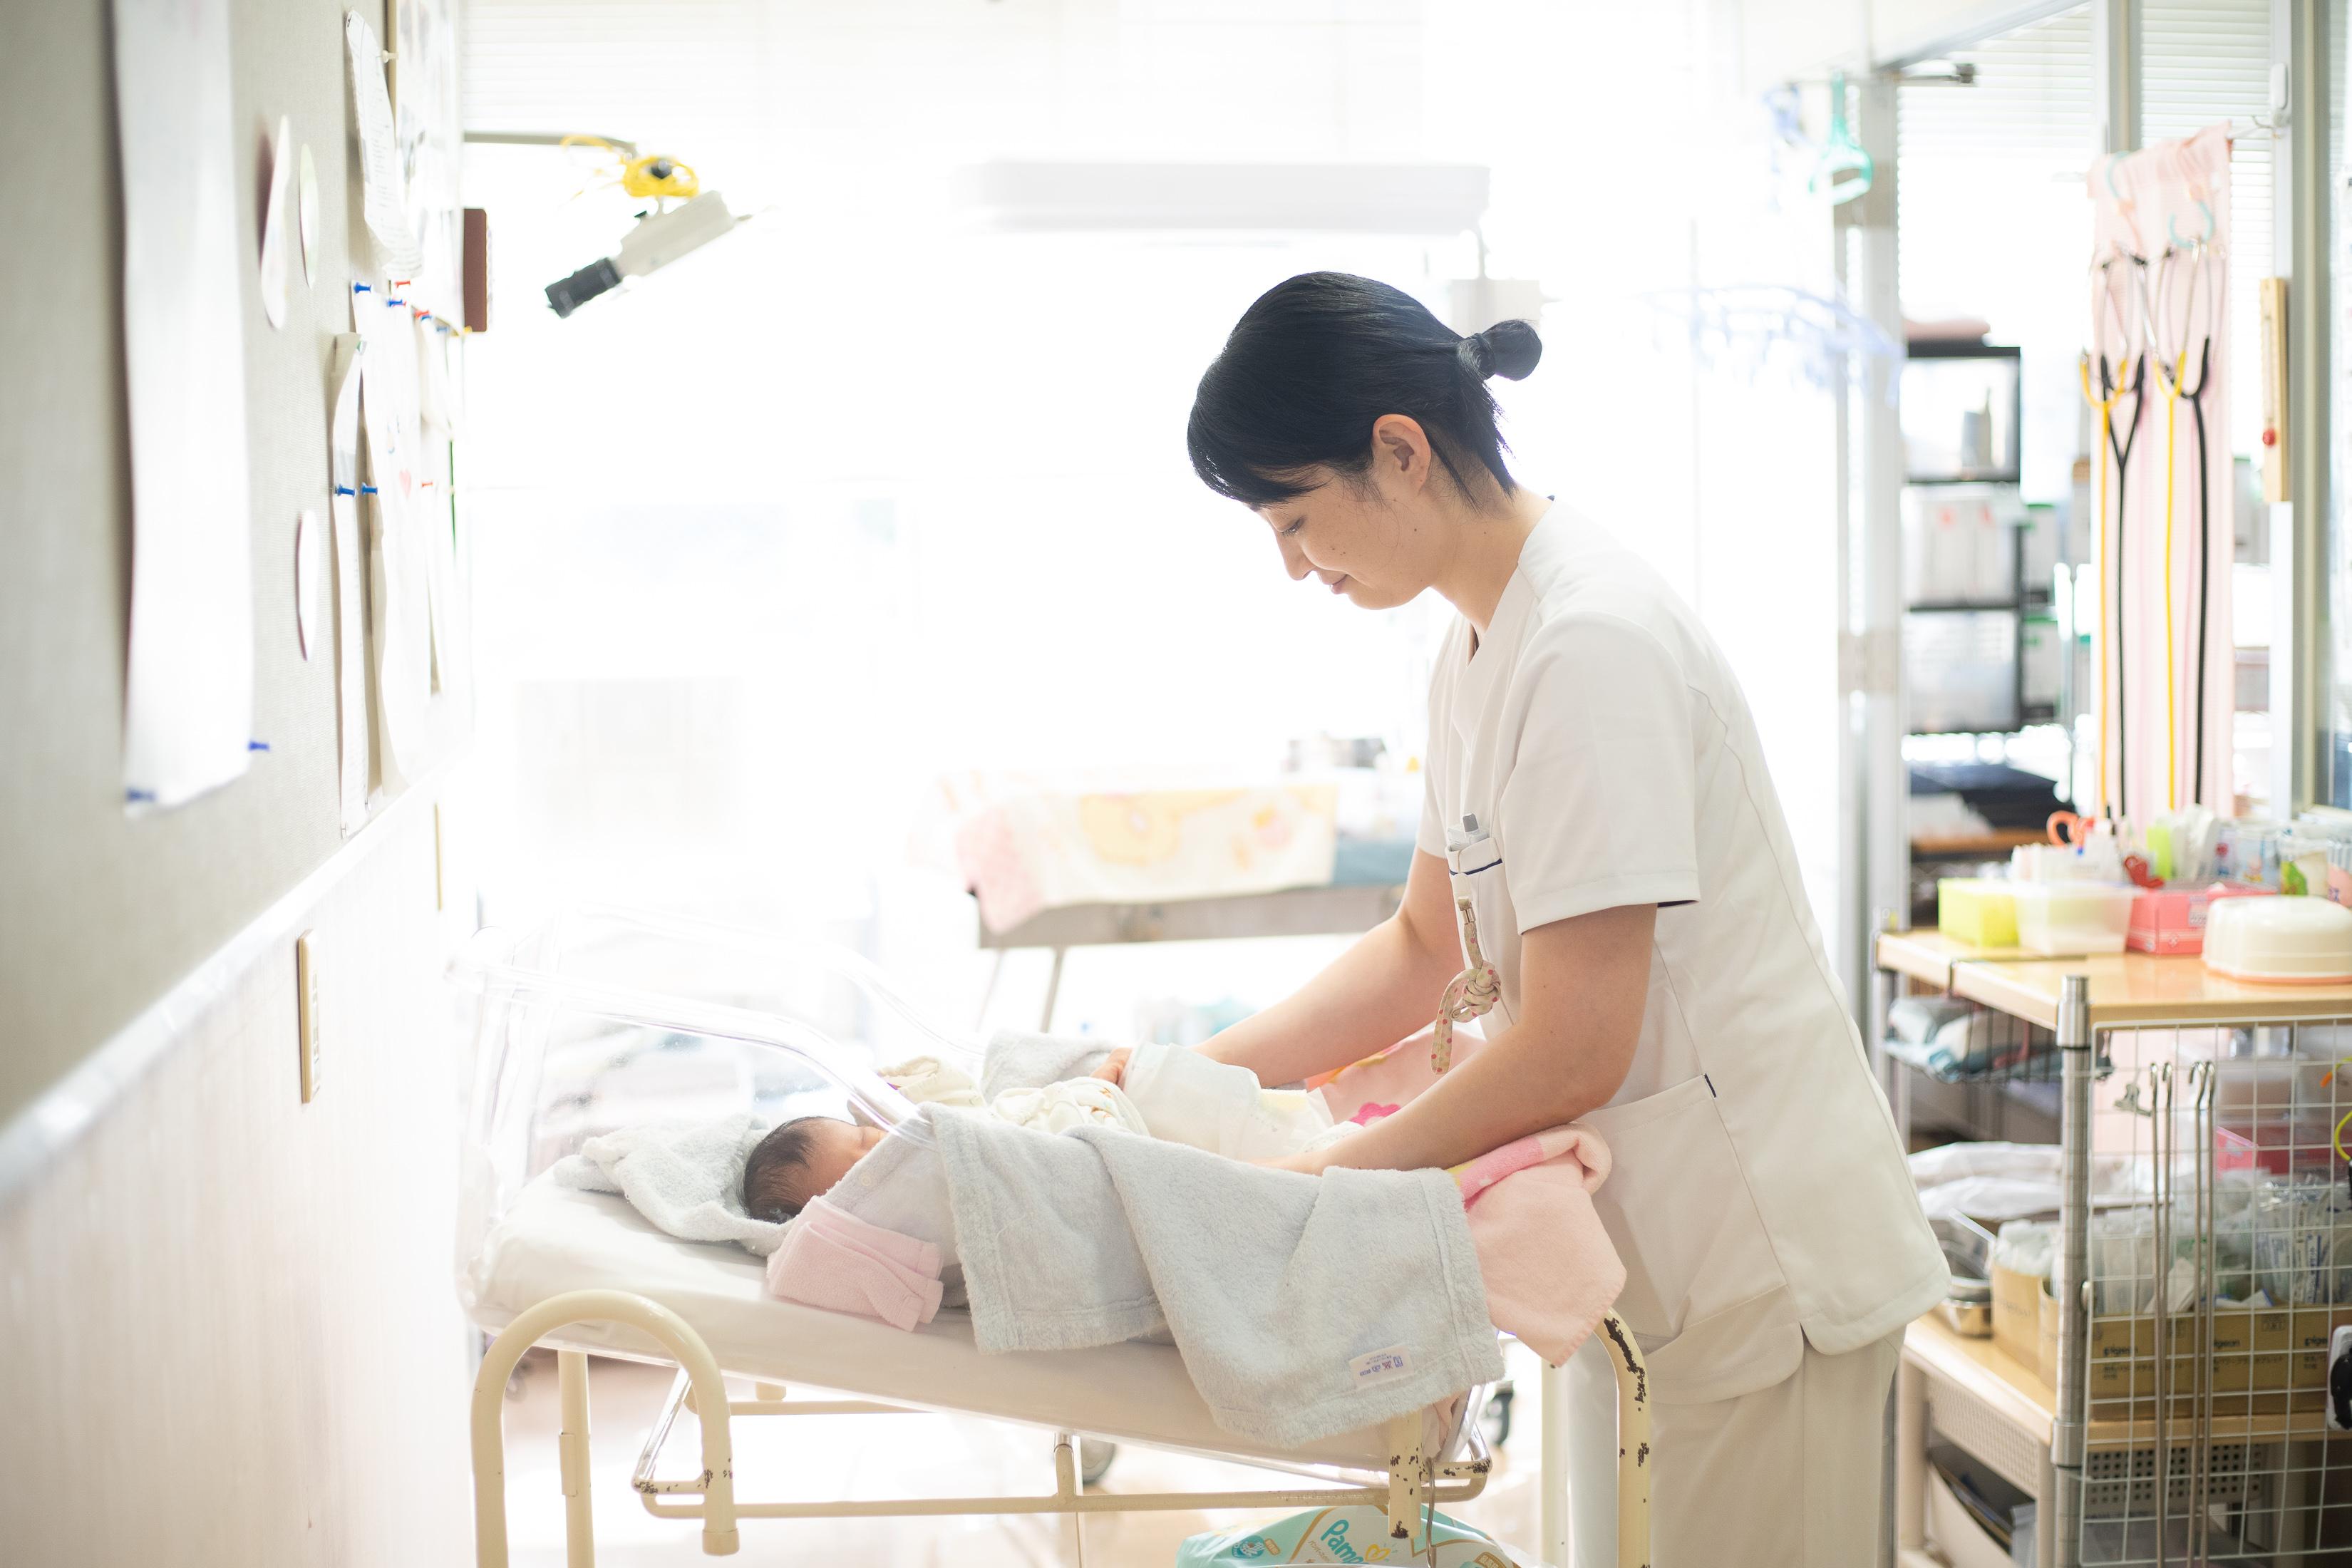 岩手県盛岡市の産科婦人科吉田医院様|株式会社MIRAIZUが写真を撮影